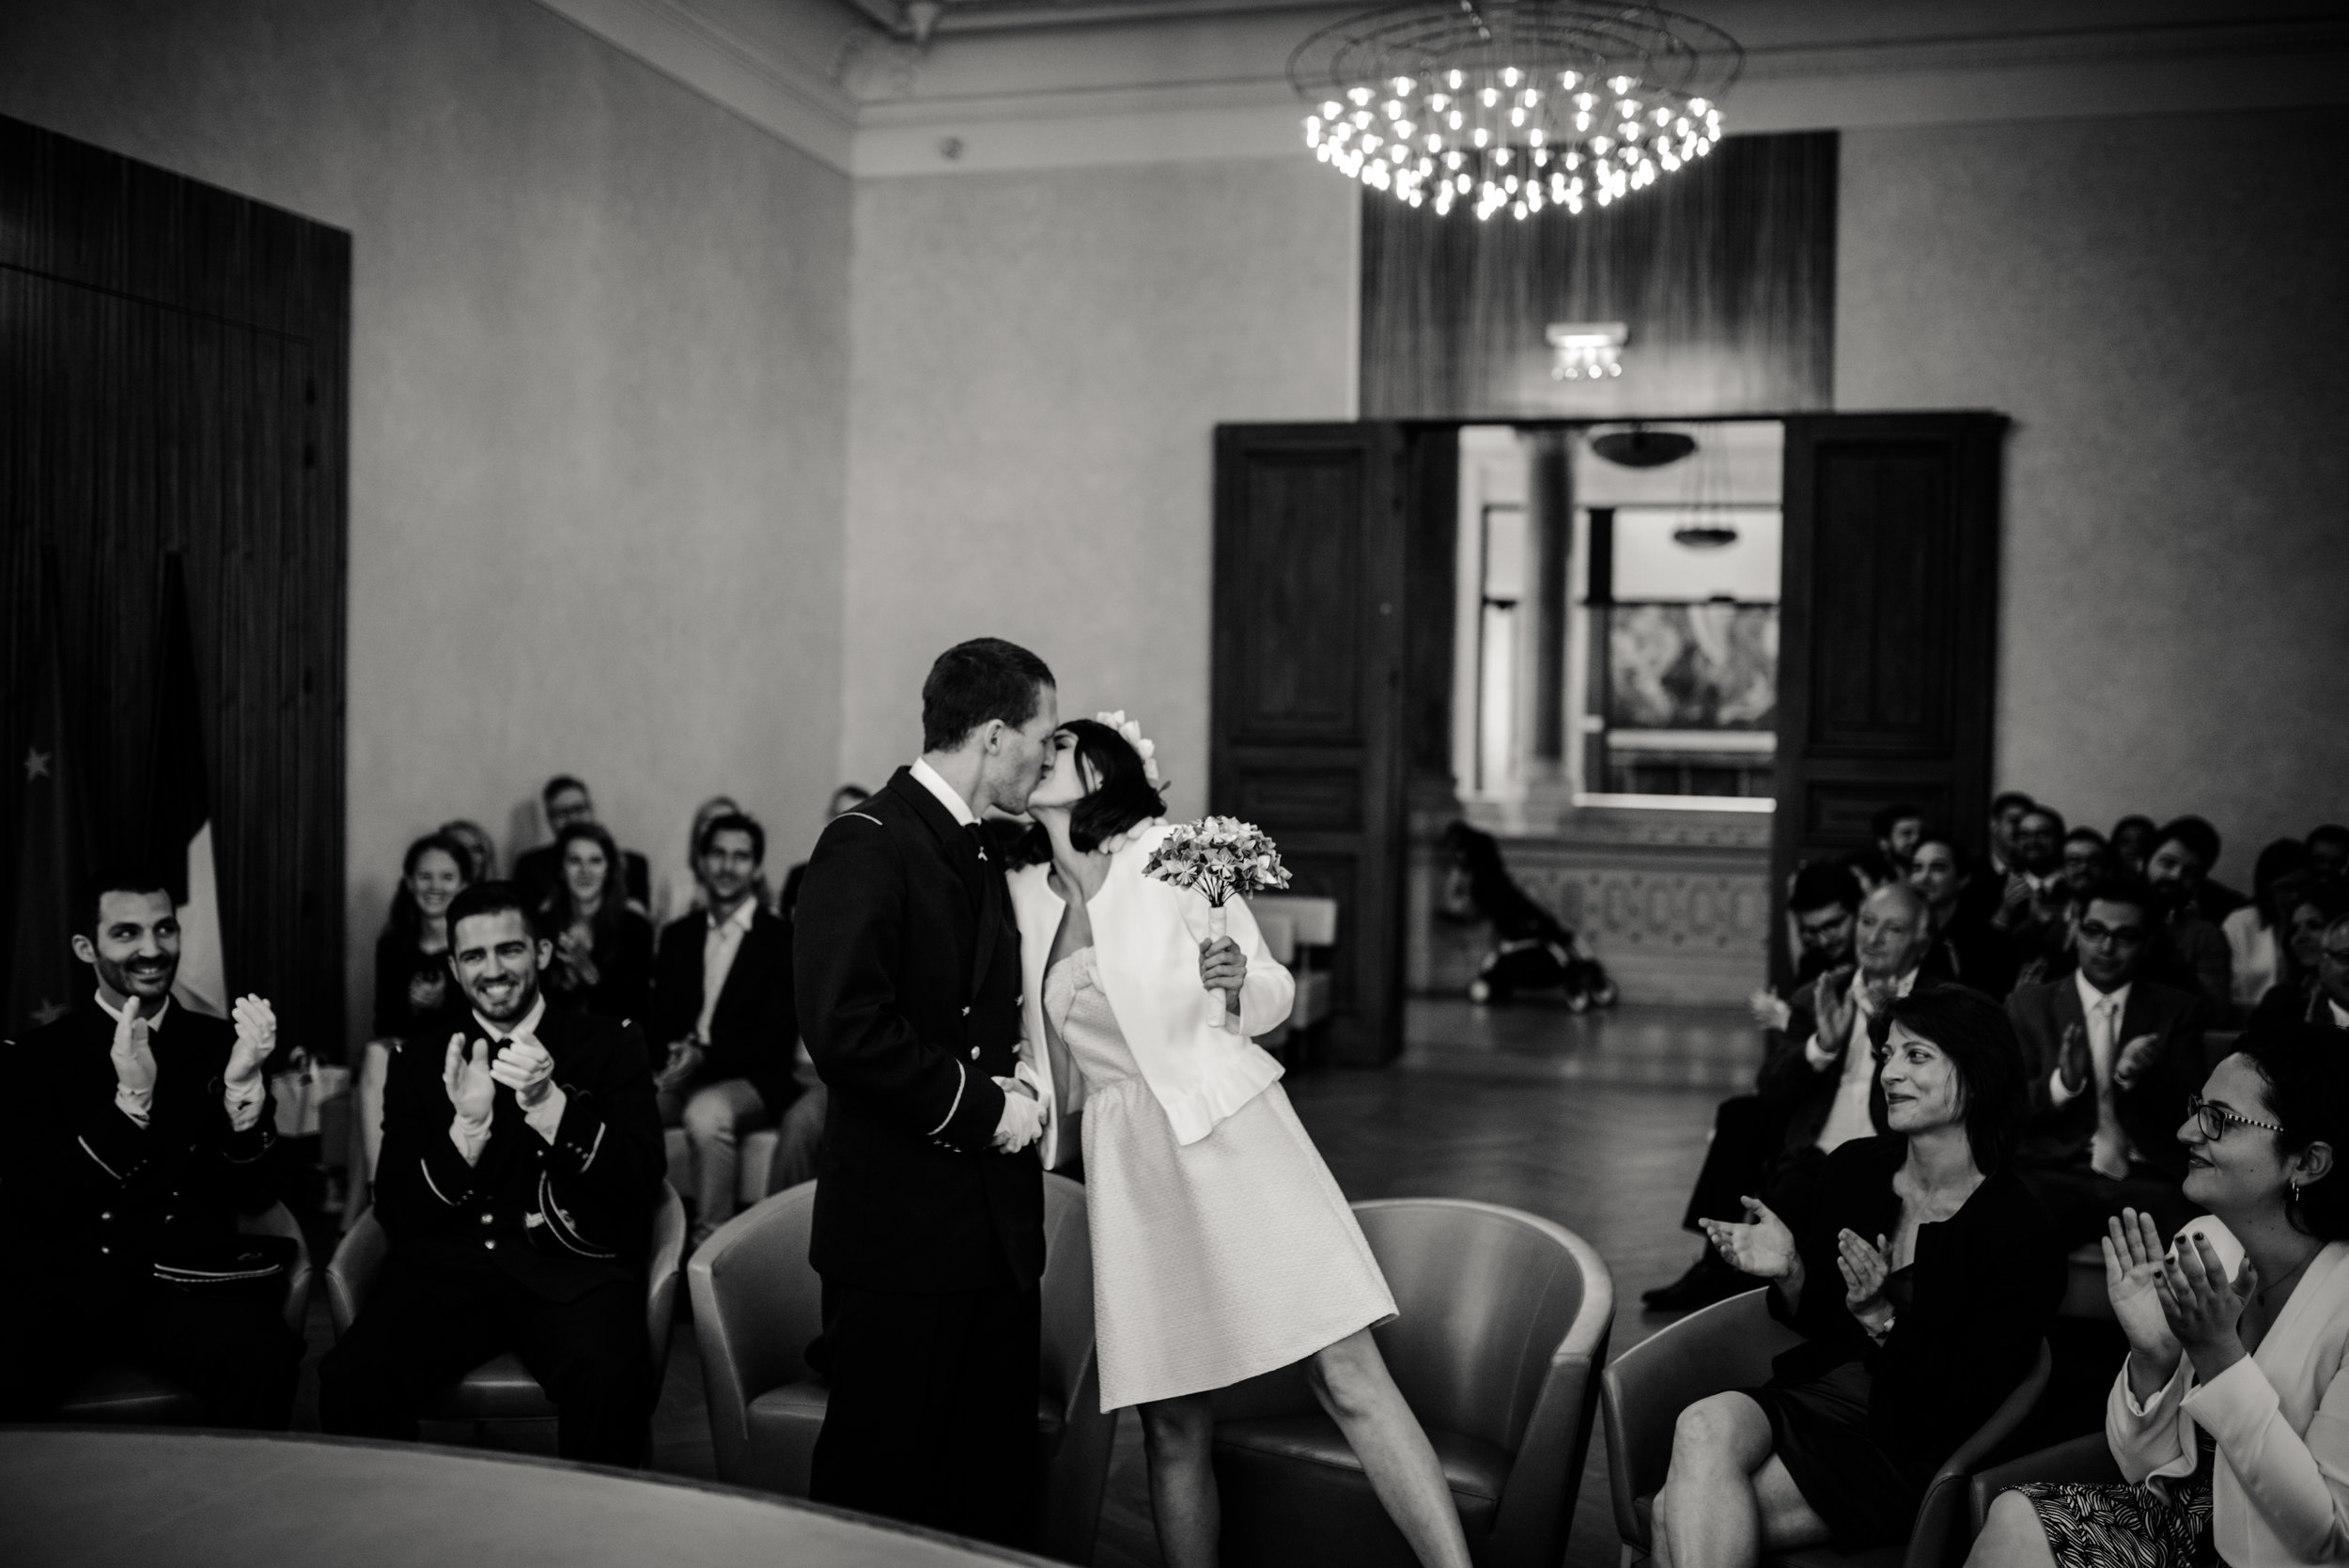 Léa-Fery-photographe-professionnel-lyon-rhone-alpes-portrait-creation-mariage-evenement-evenementiel-famille-2-45.jpg